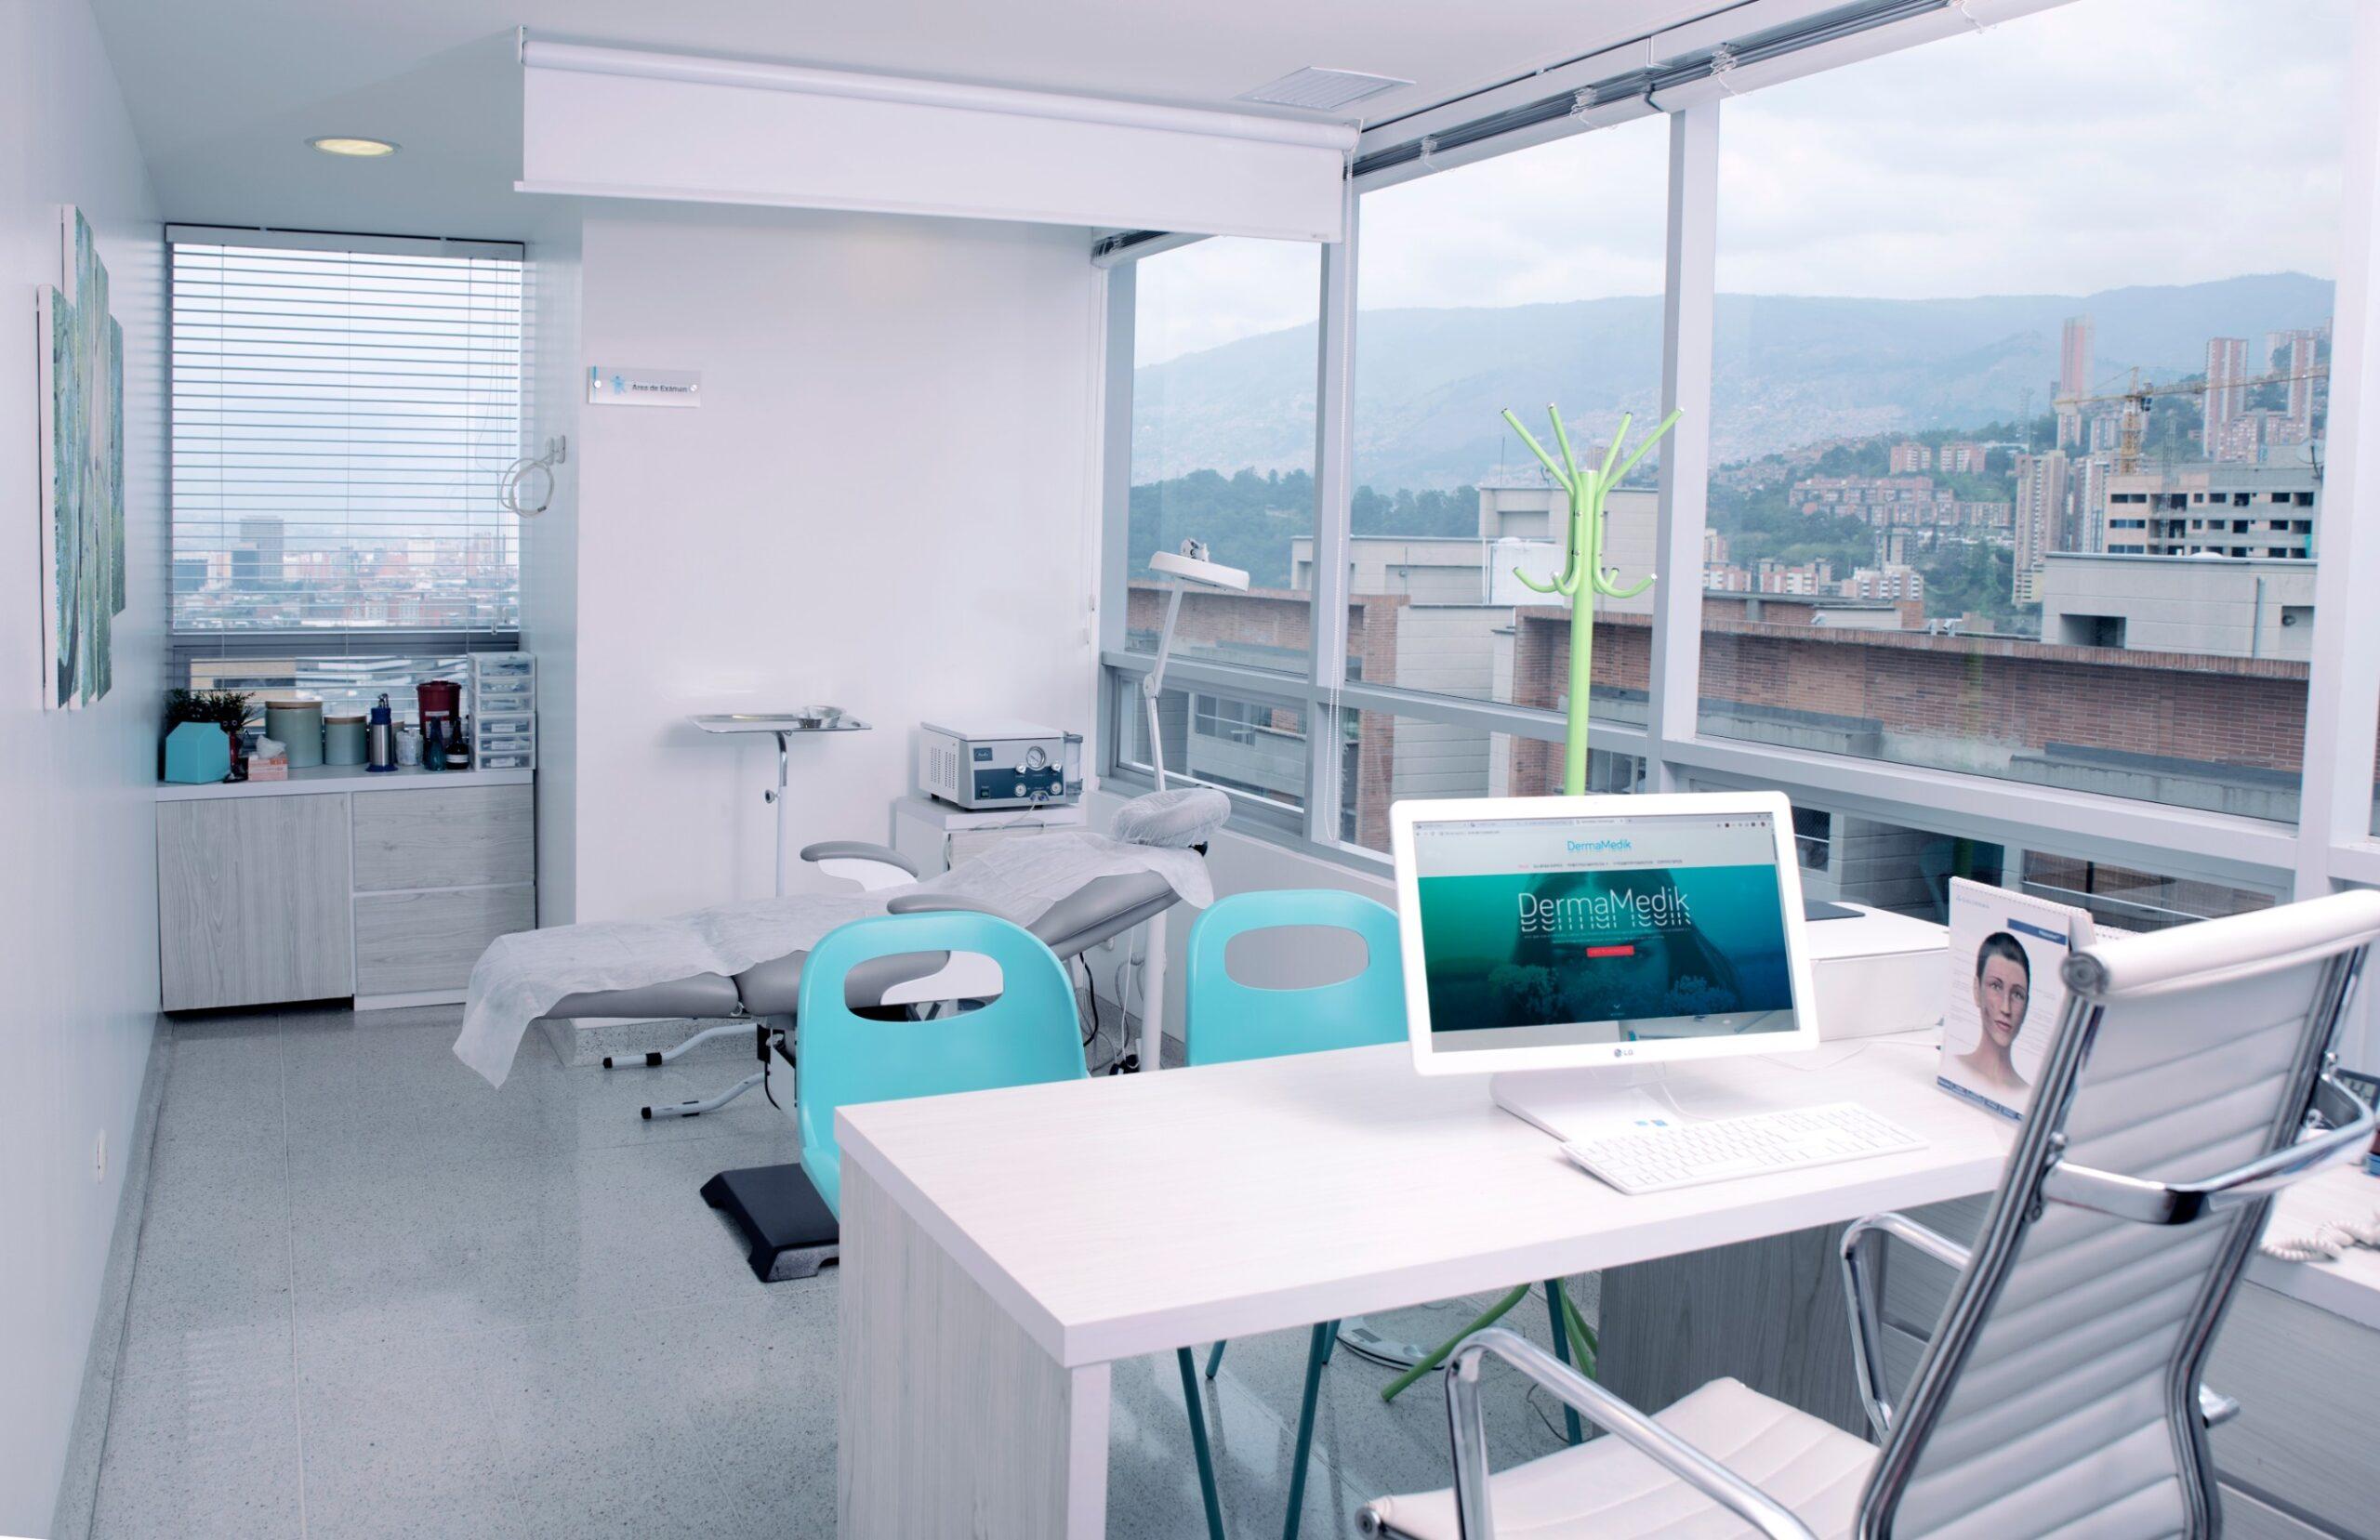 Dermatología Ciudad del Río Medellín